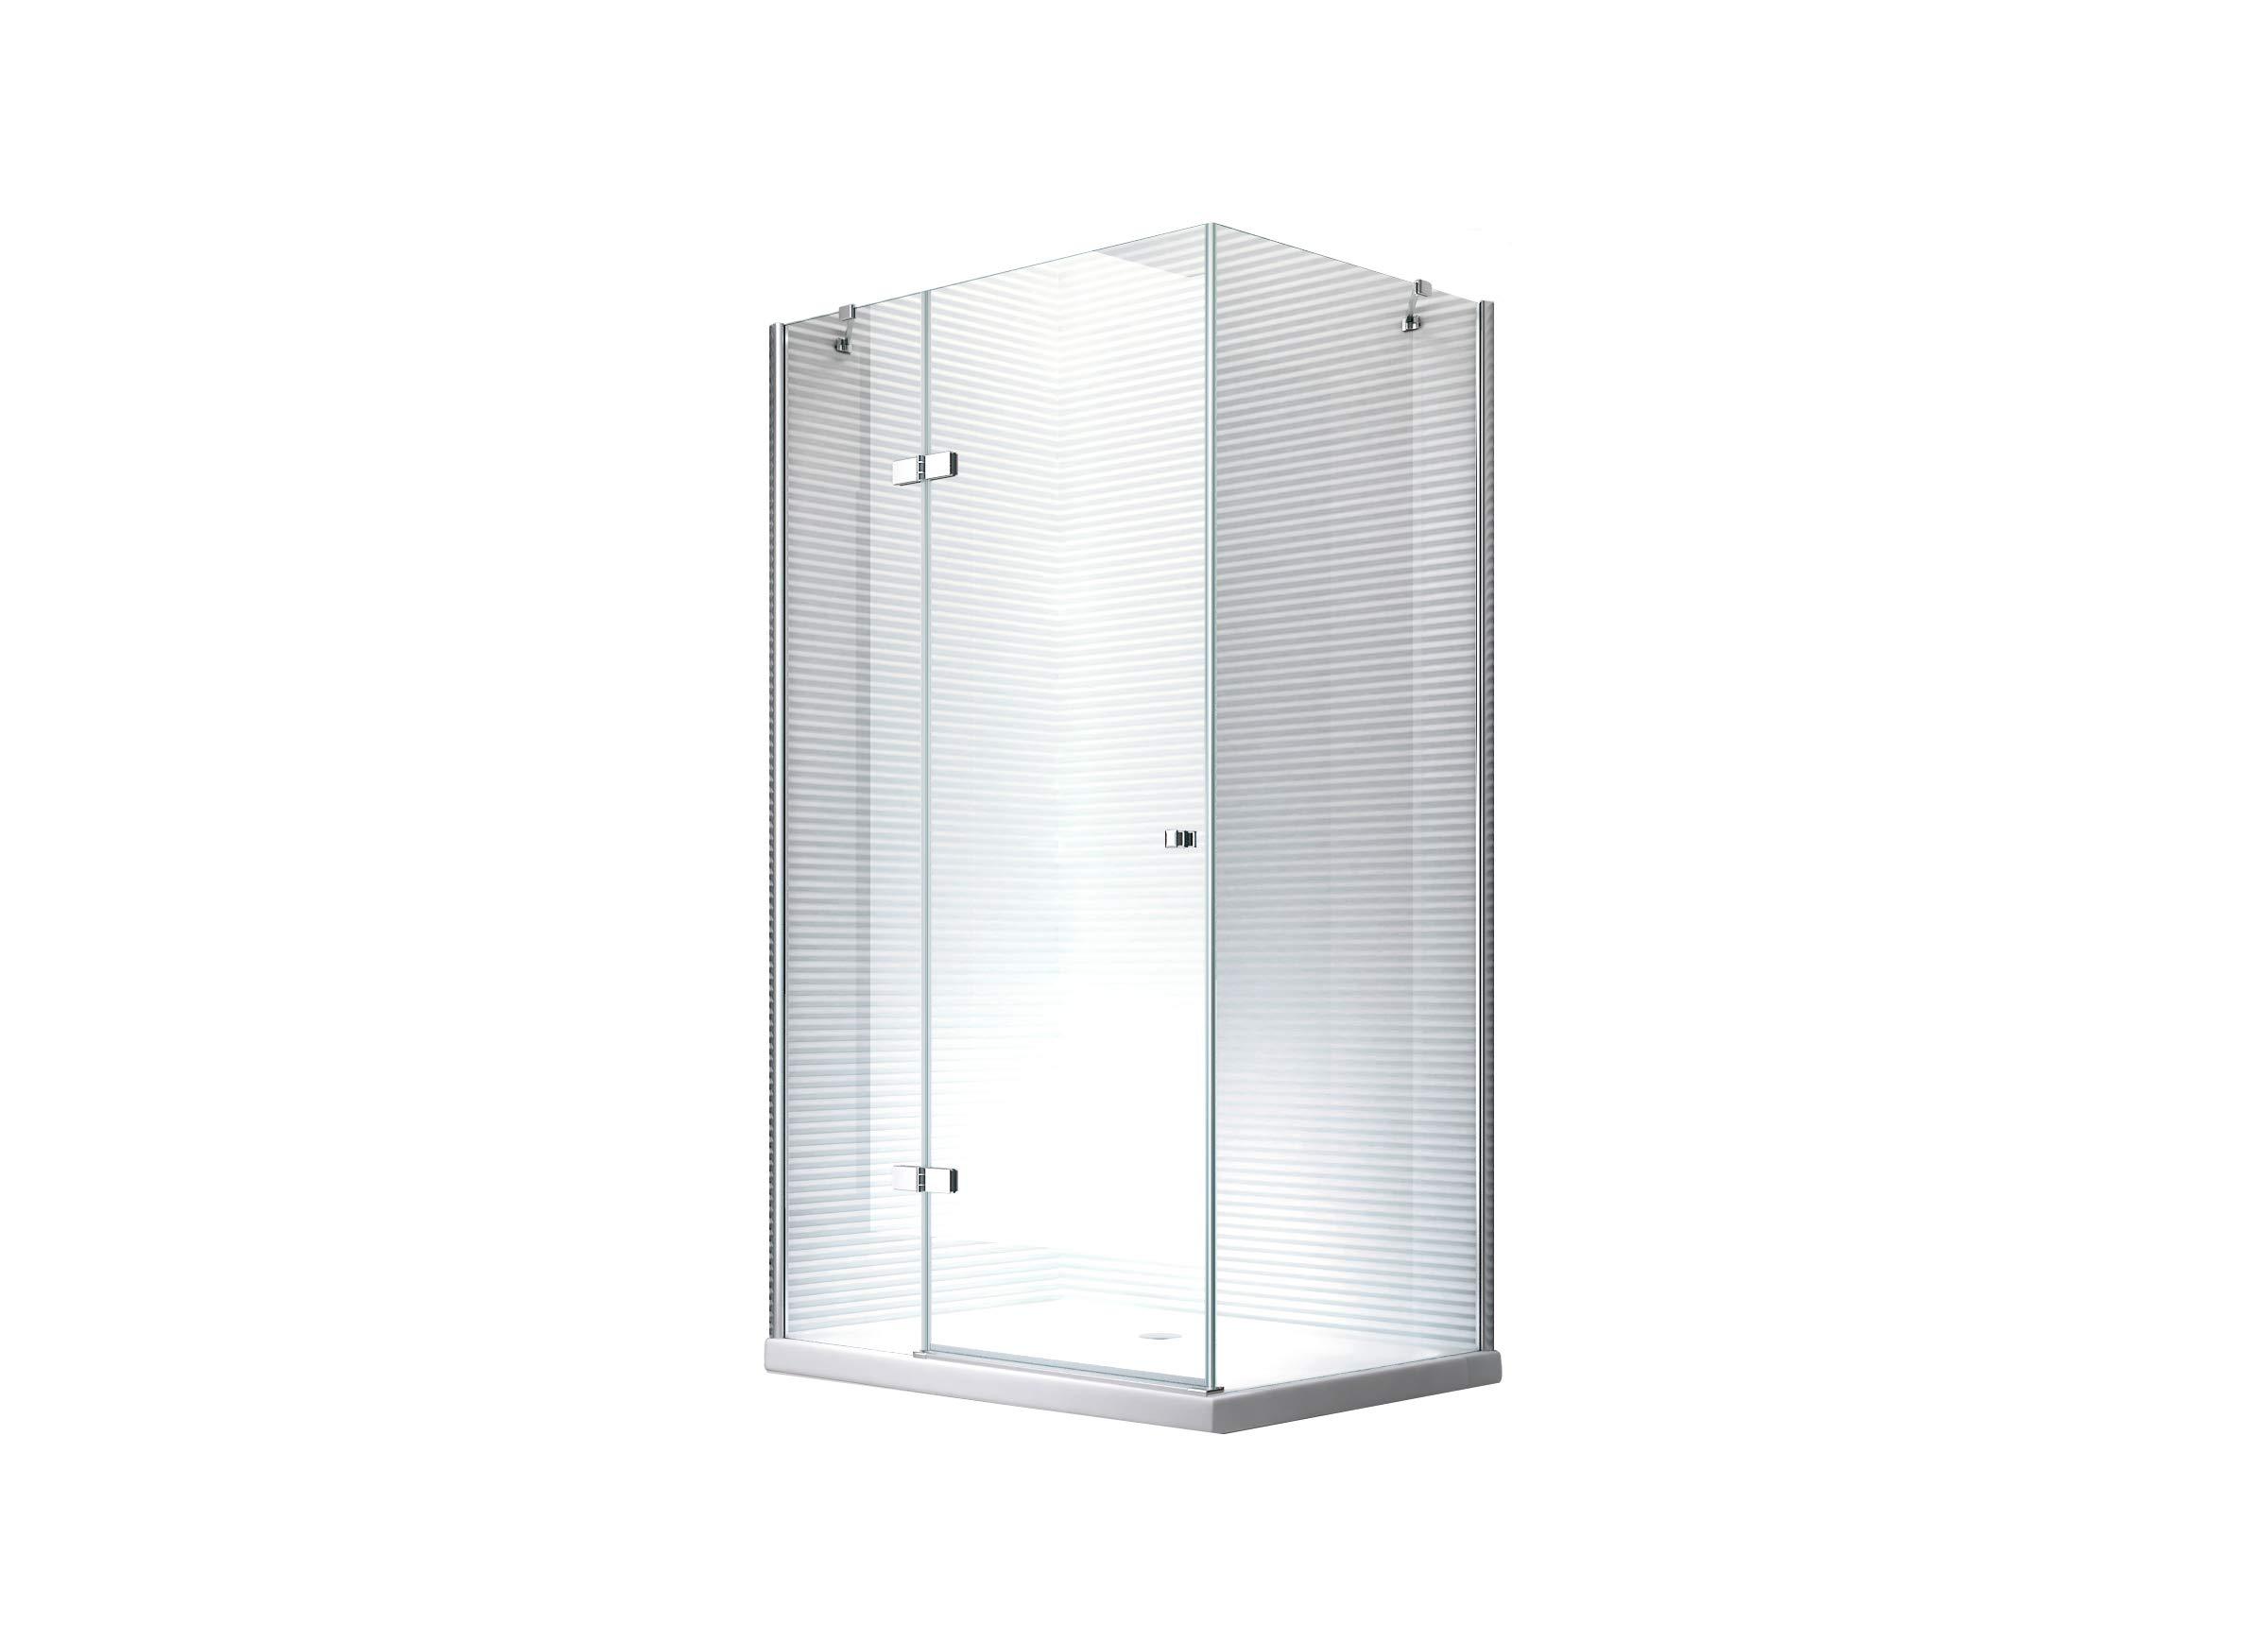 Cabina de ducha - mampara de ducha Hestia 90 x 120 x 195 cm - 8 mm - con plato de ducha: Amazon.es: Bricolaje y herramientas